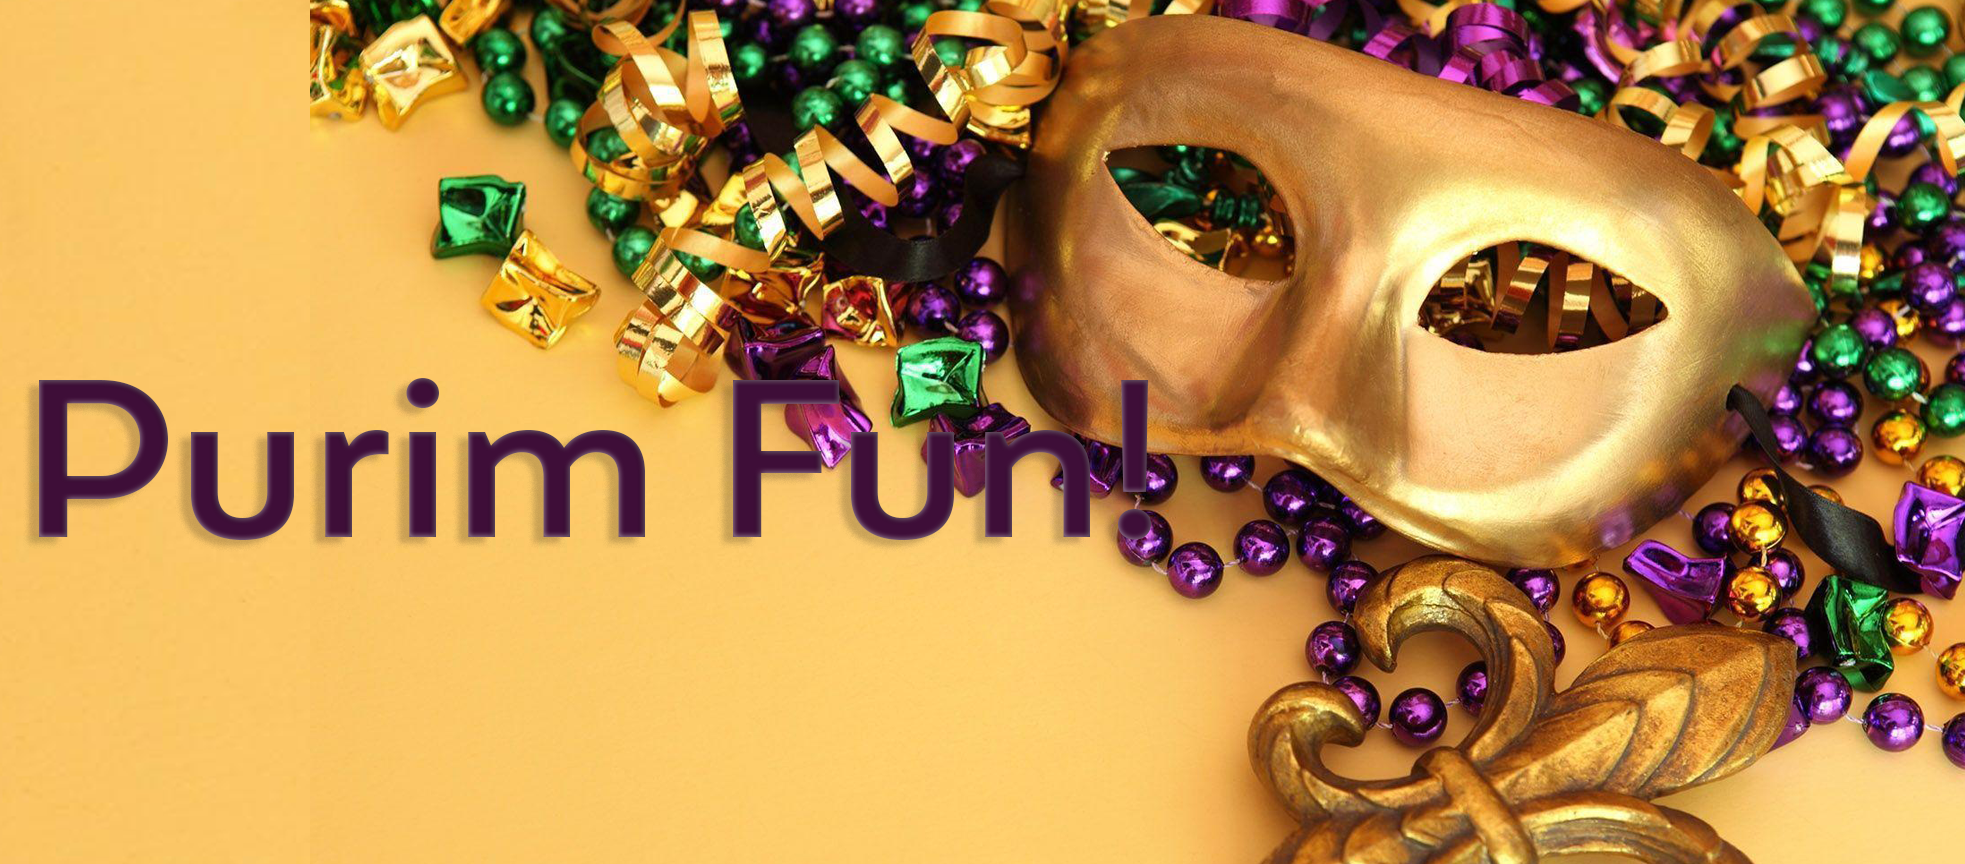 Purim Fun